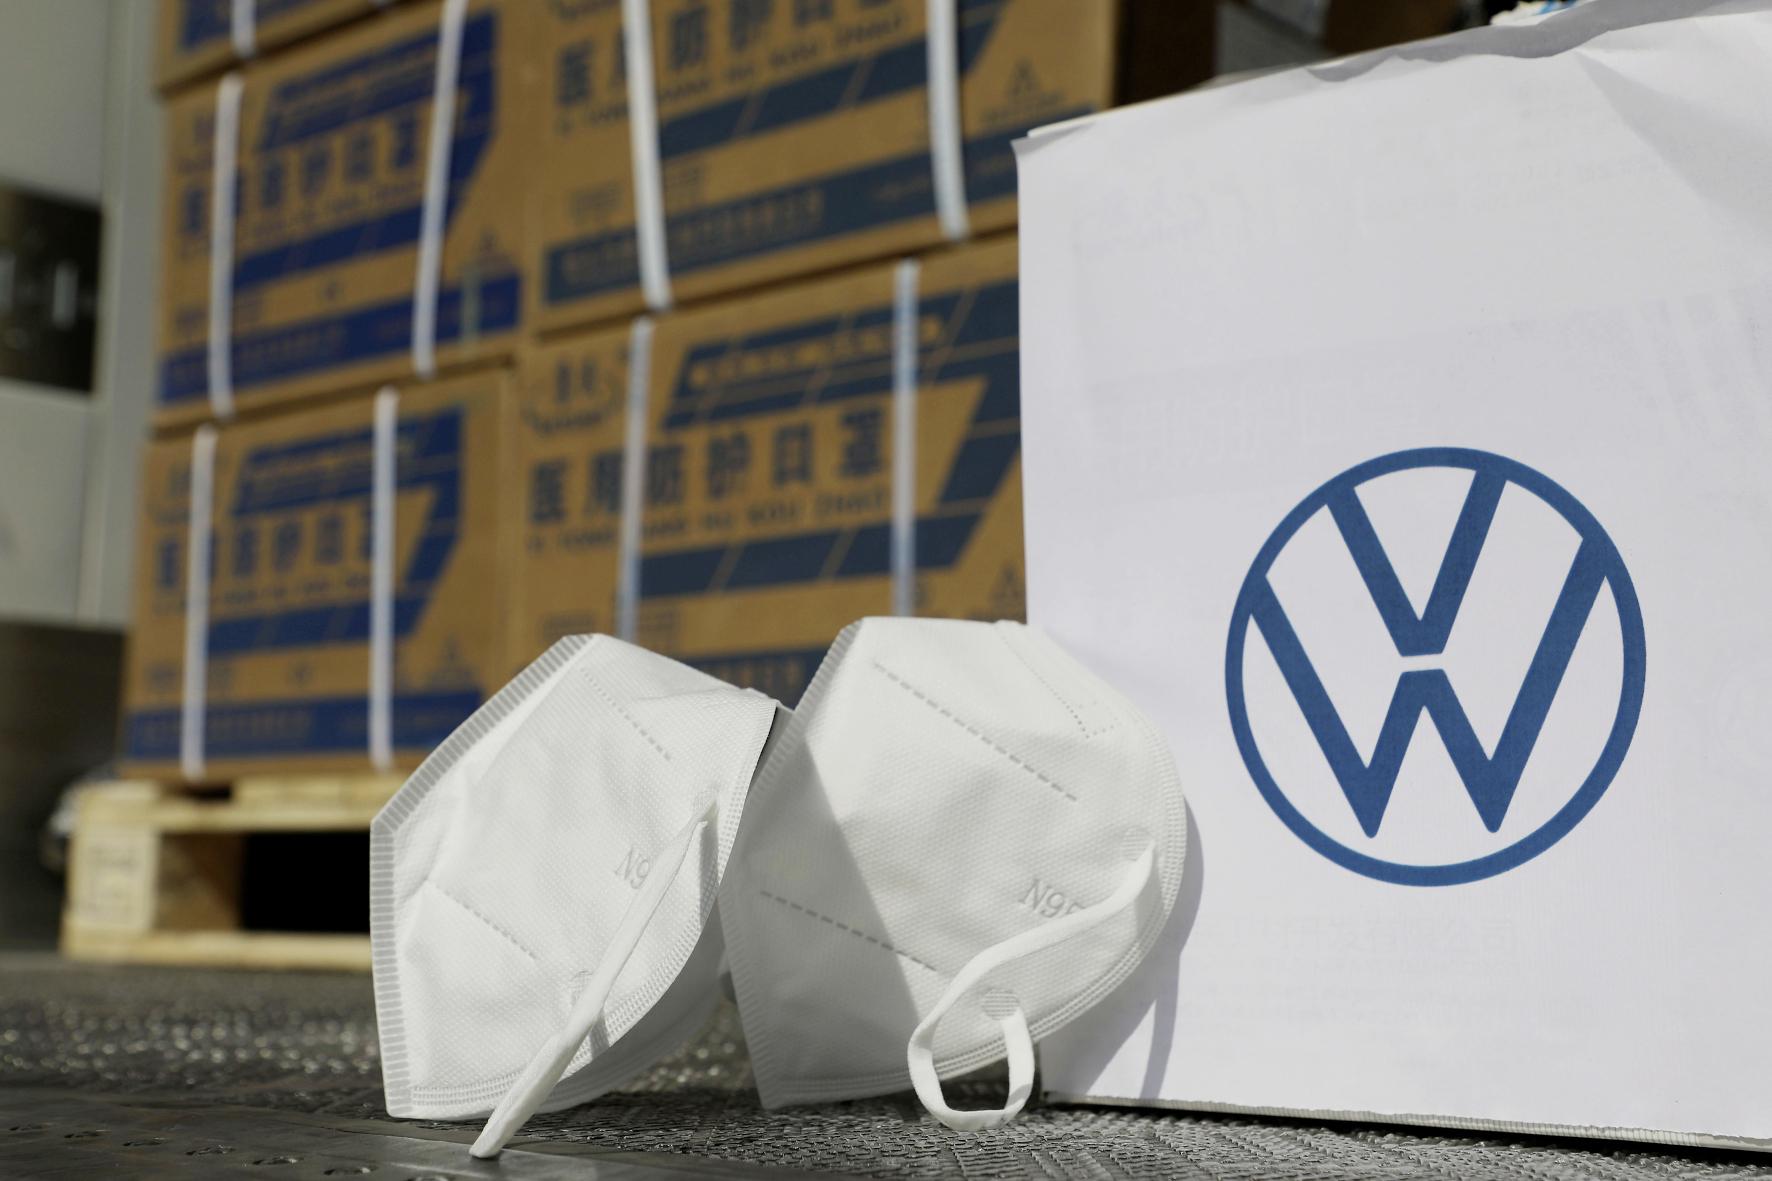 mid Groß-Gerau - VW stellt medizinisch ausgebildete Mitarbeiter auf Wunsch frei. VW